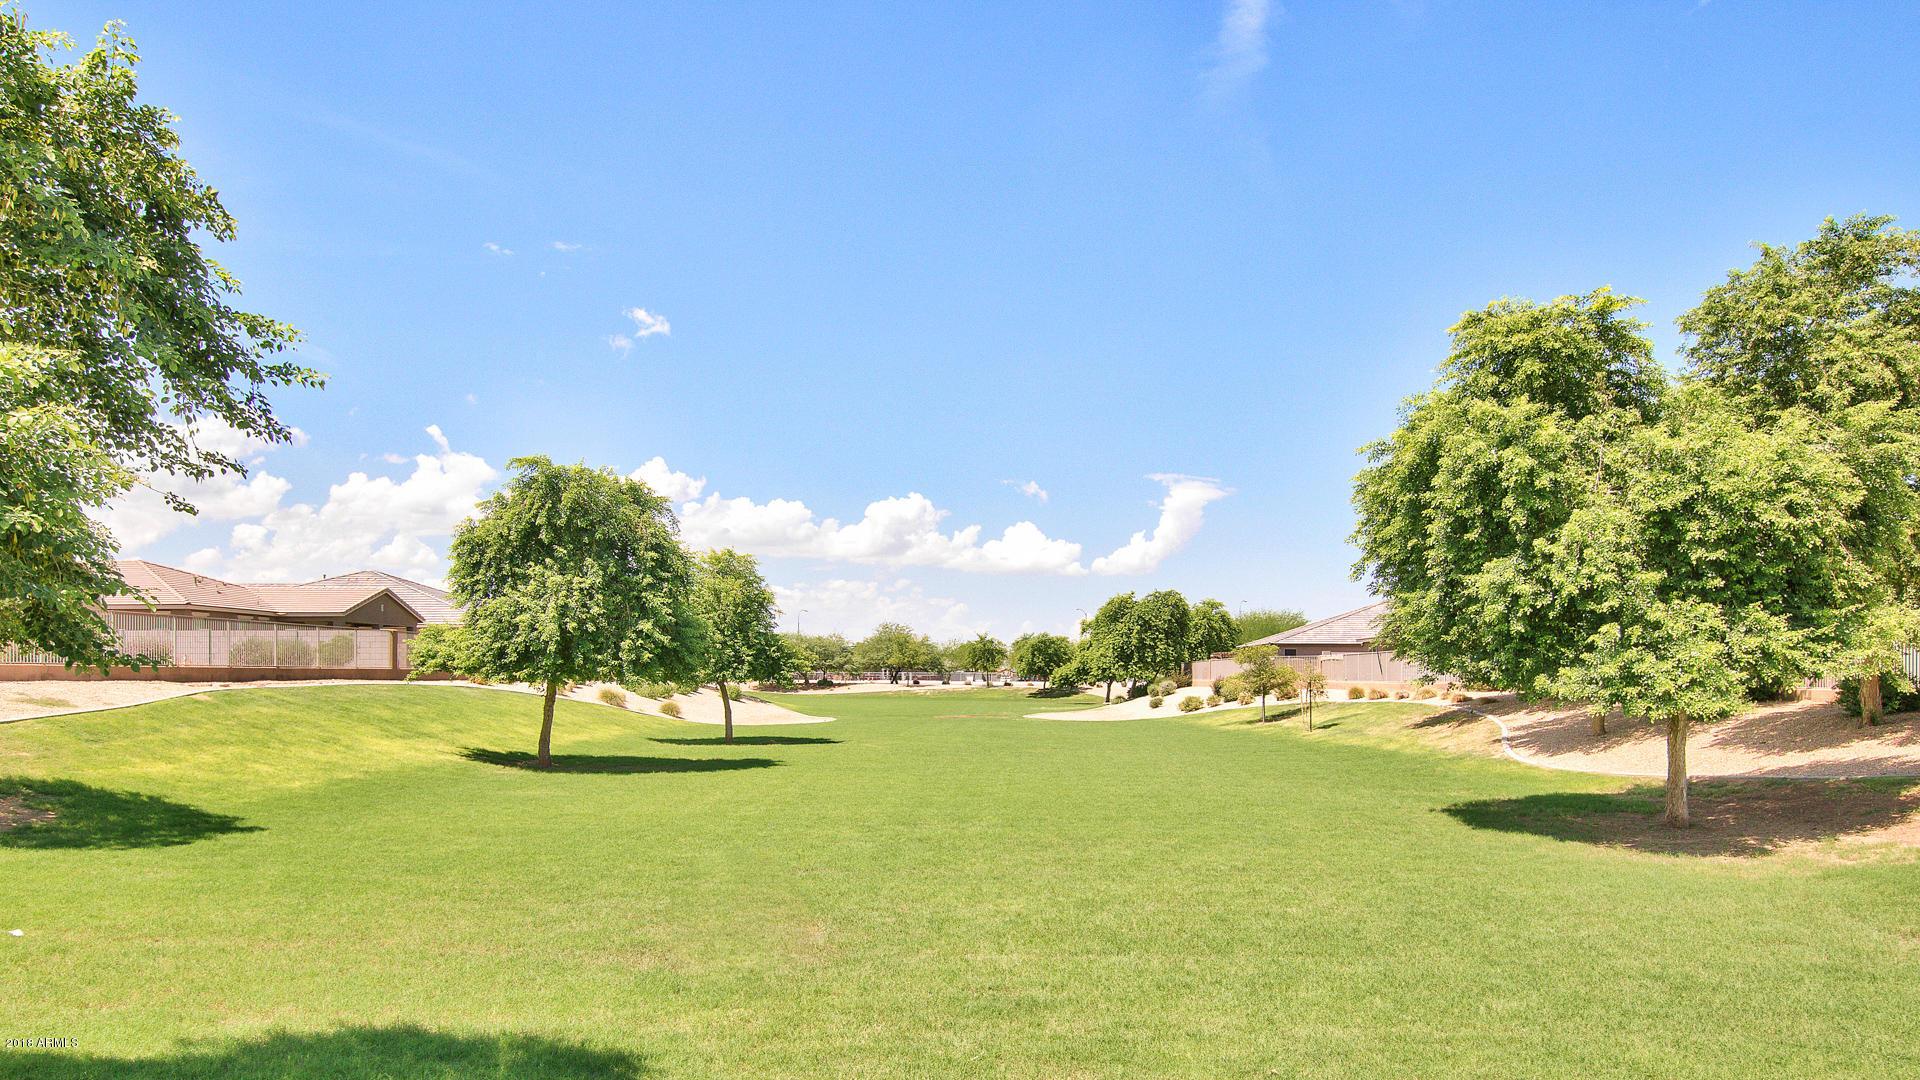 MLS 5811288 7920 S 41ST Lane, Laveen, AZ 85339 Laveen AZ Newly Built